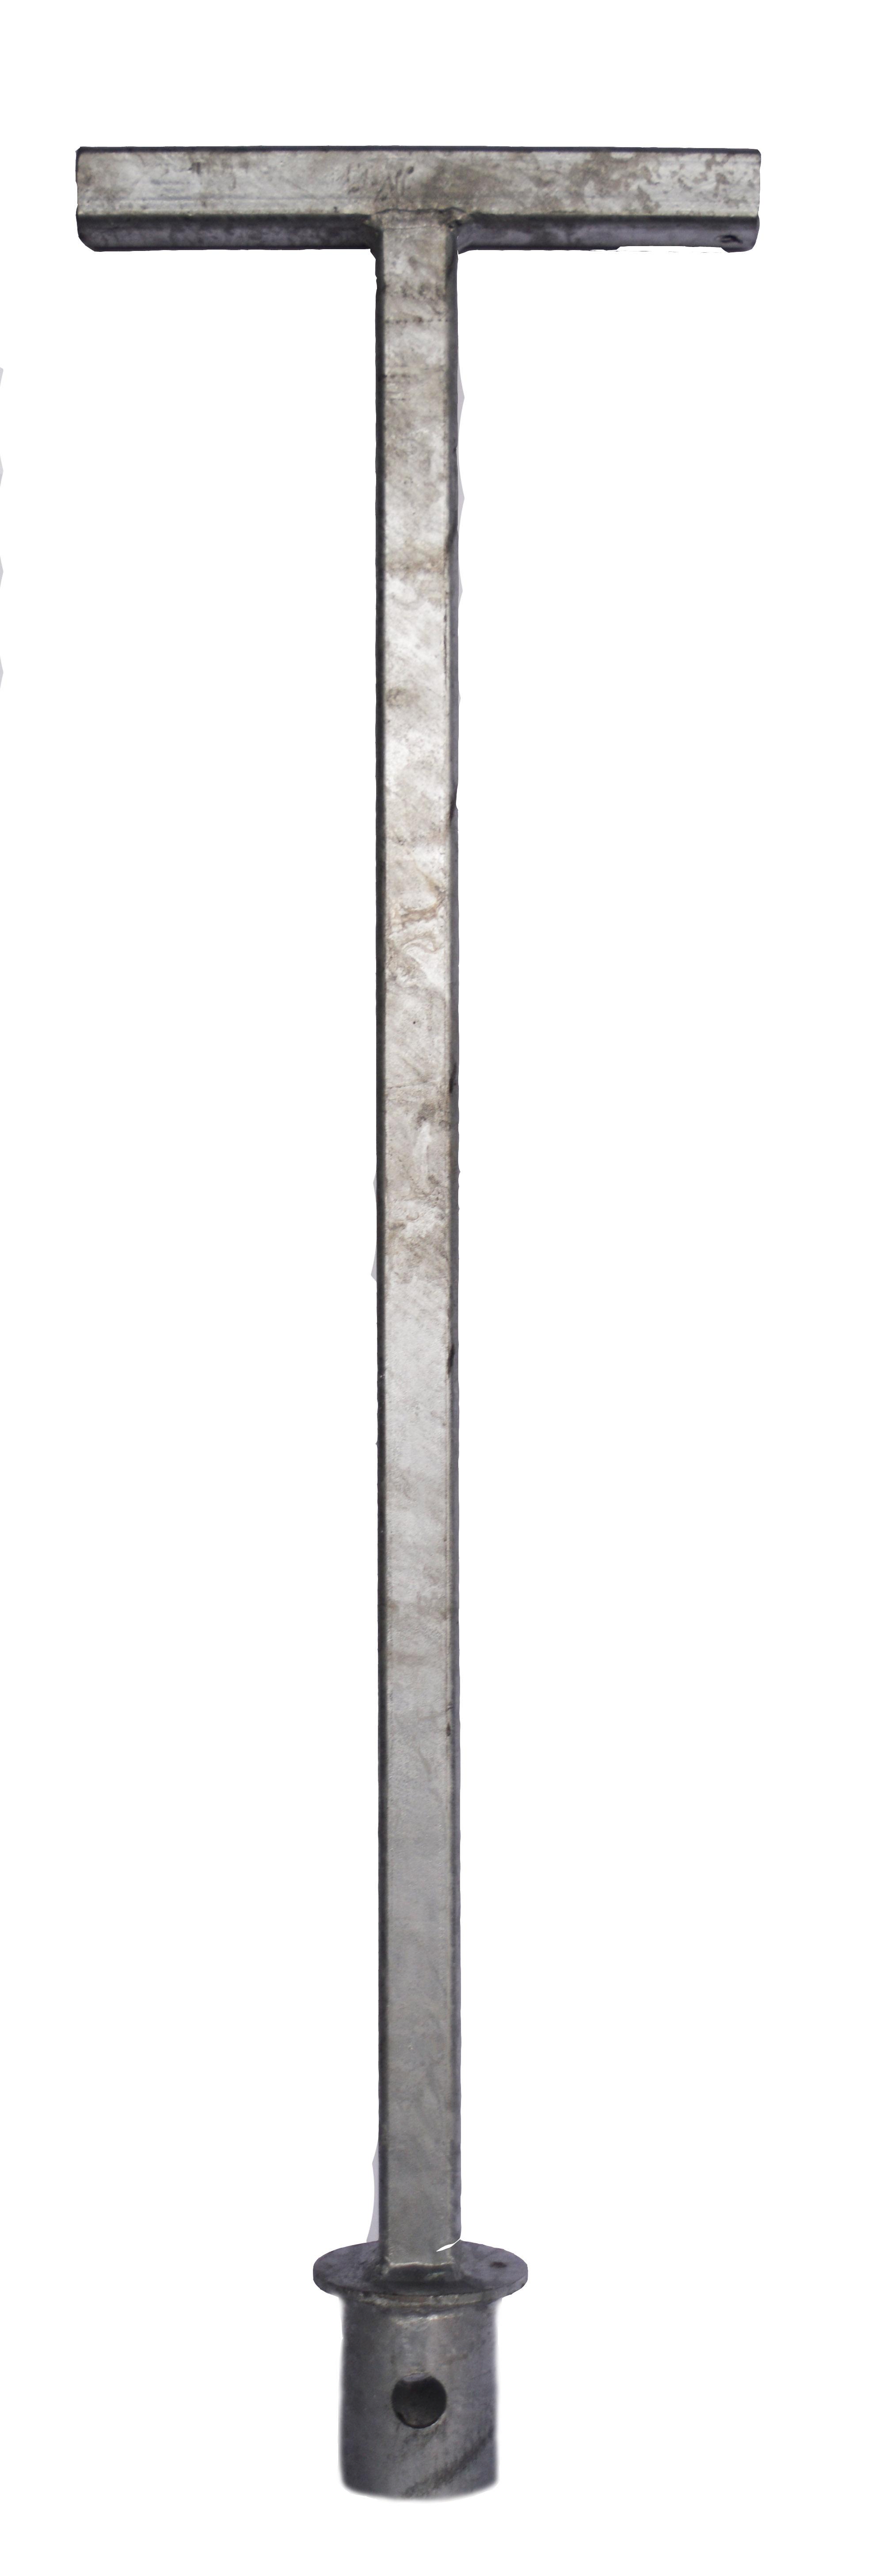 PŮJČOVNA - Ruční kříž T pro zemní vruty 650/68 mm